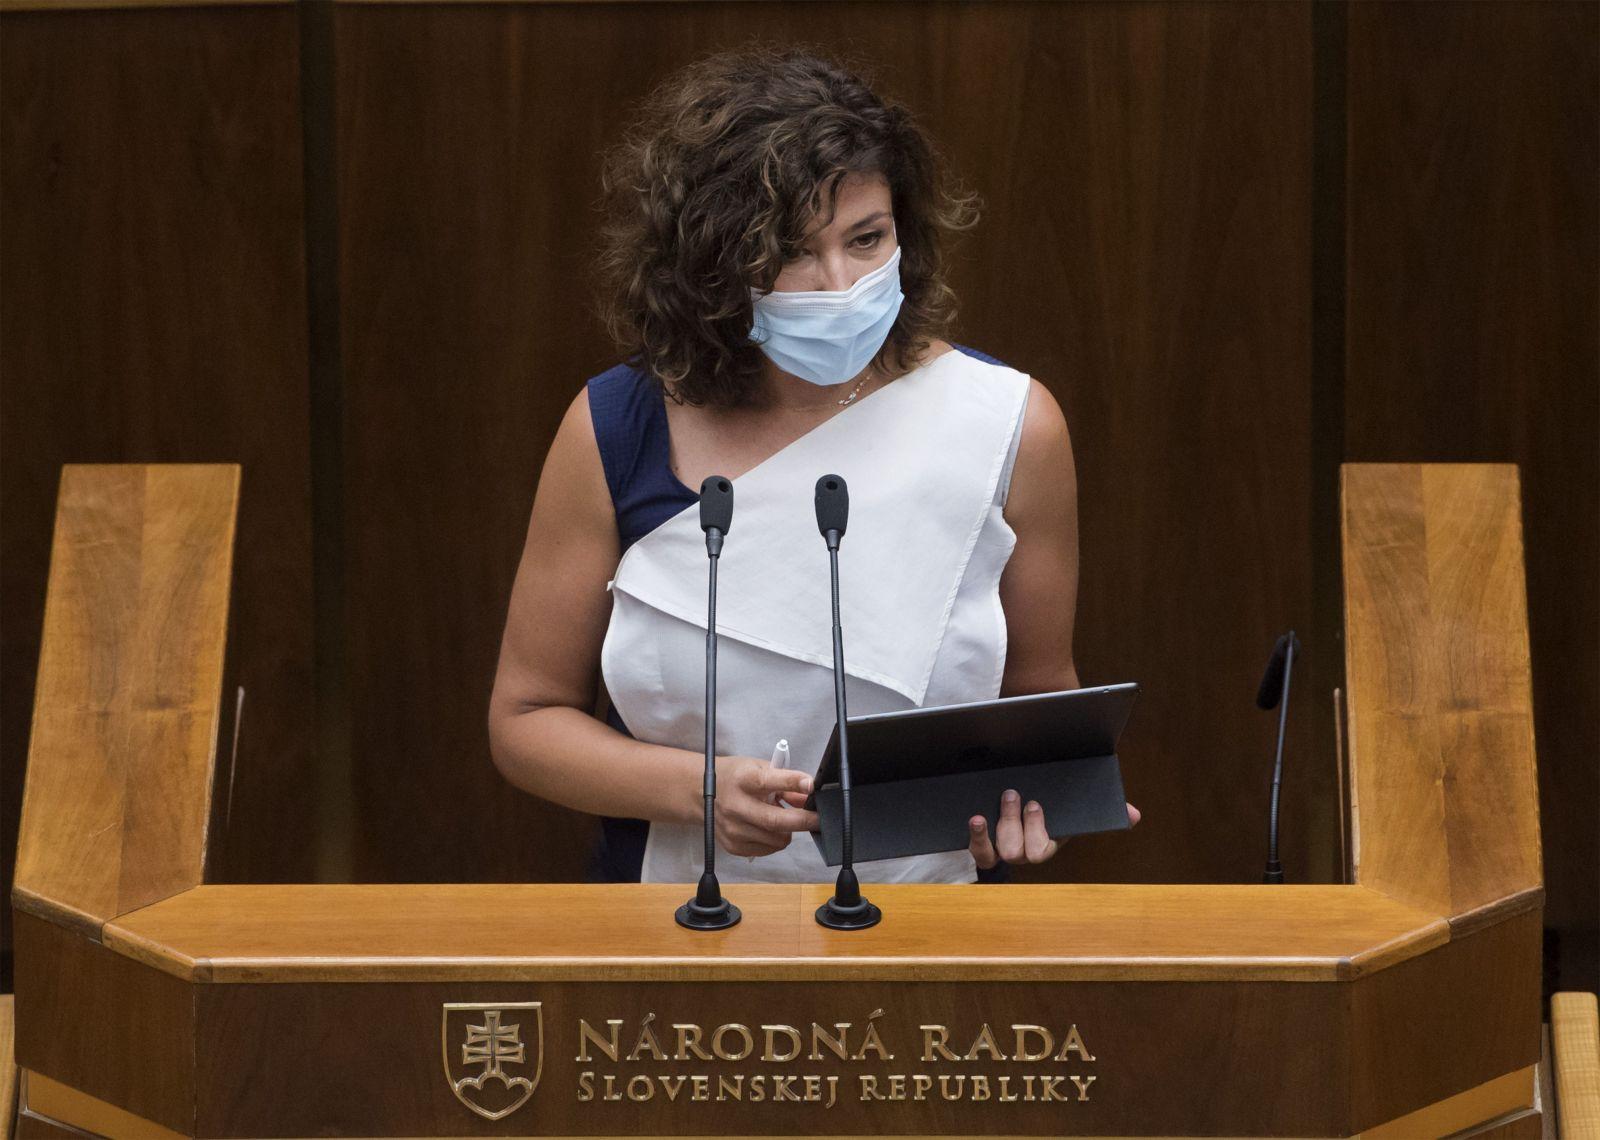 Ďuriš-Nicholsonová: Mám skúsenosti s marihuanou, tresty za ňu sú drakonické a treba ju dekriminalizovať (Rozhovor)